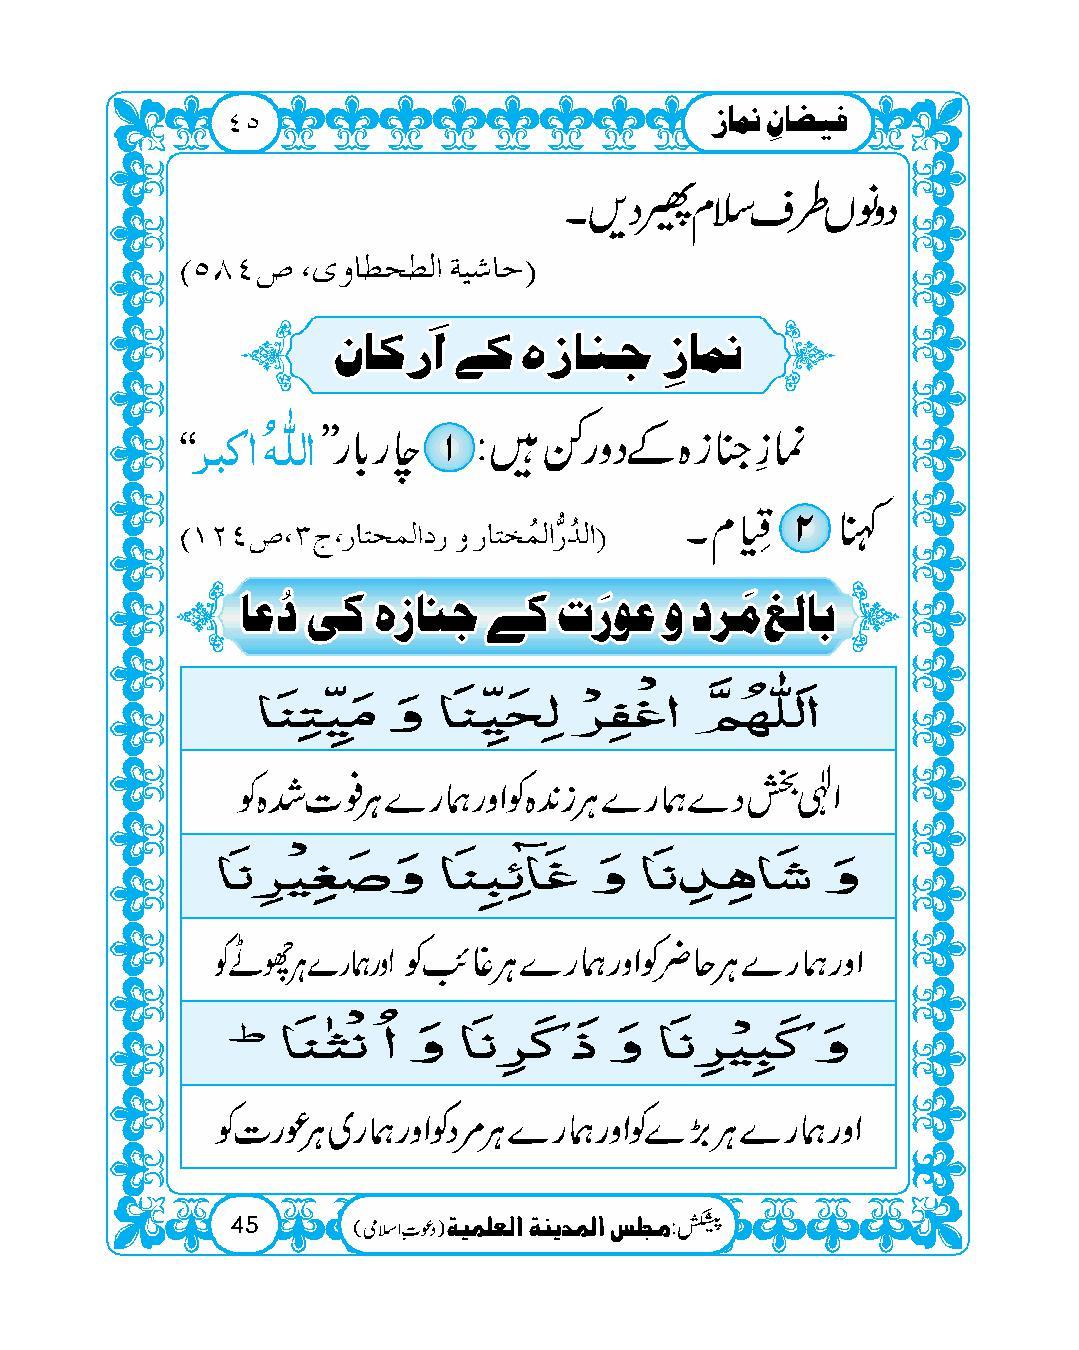 page No 45